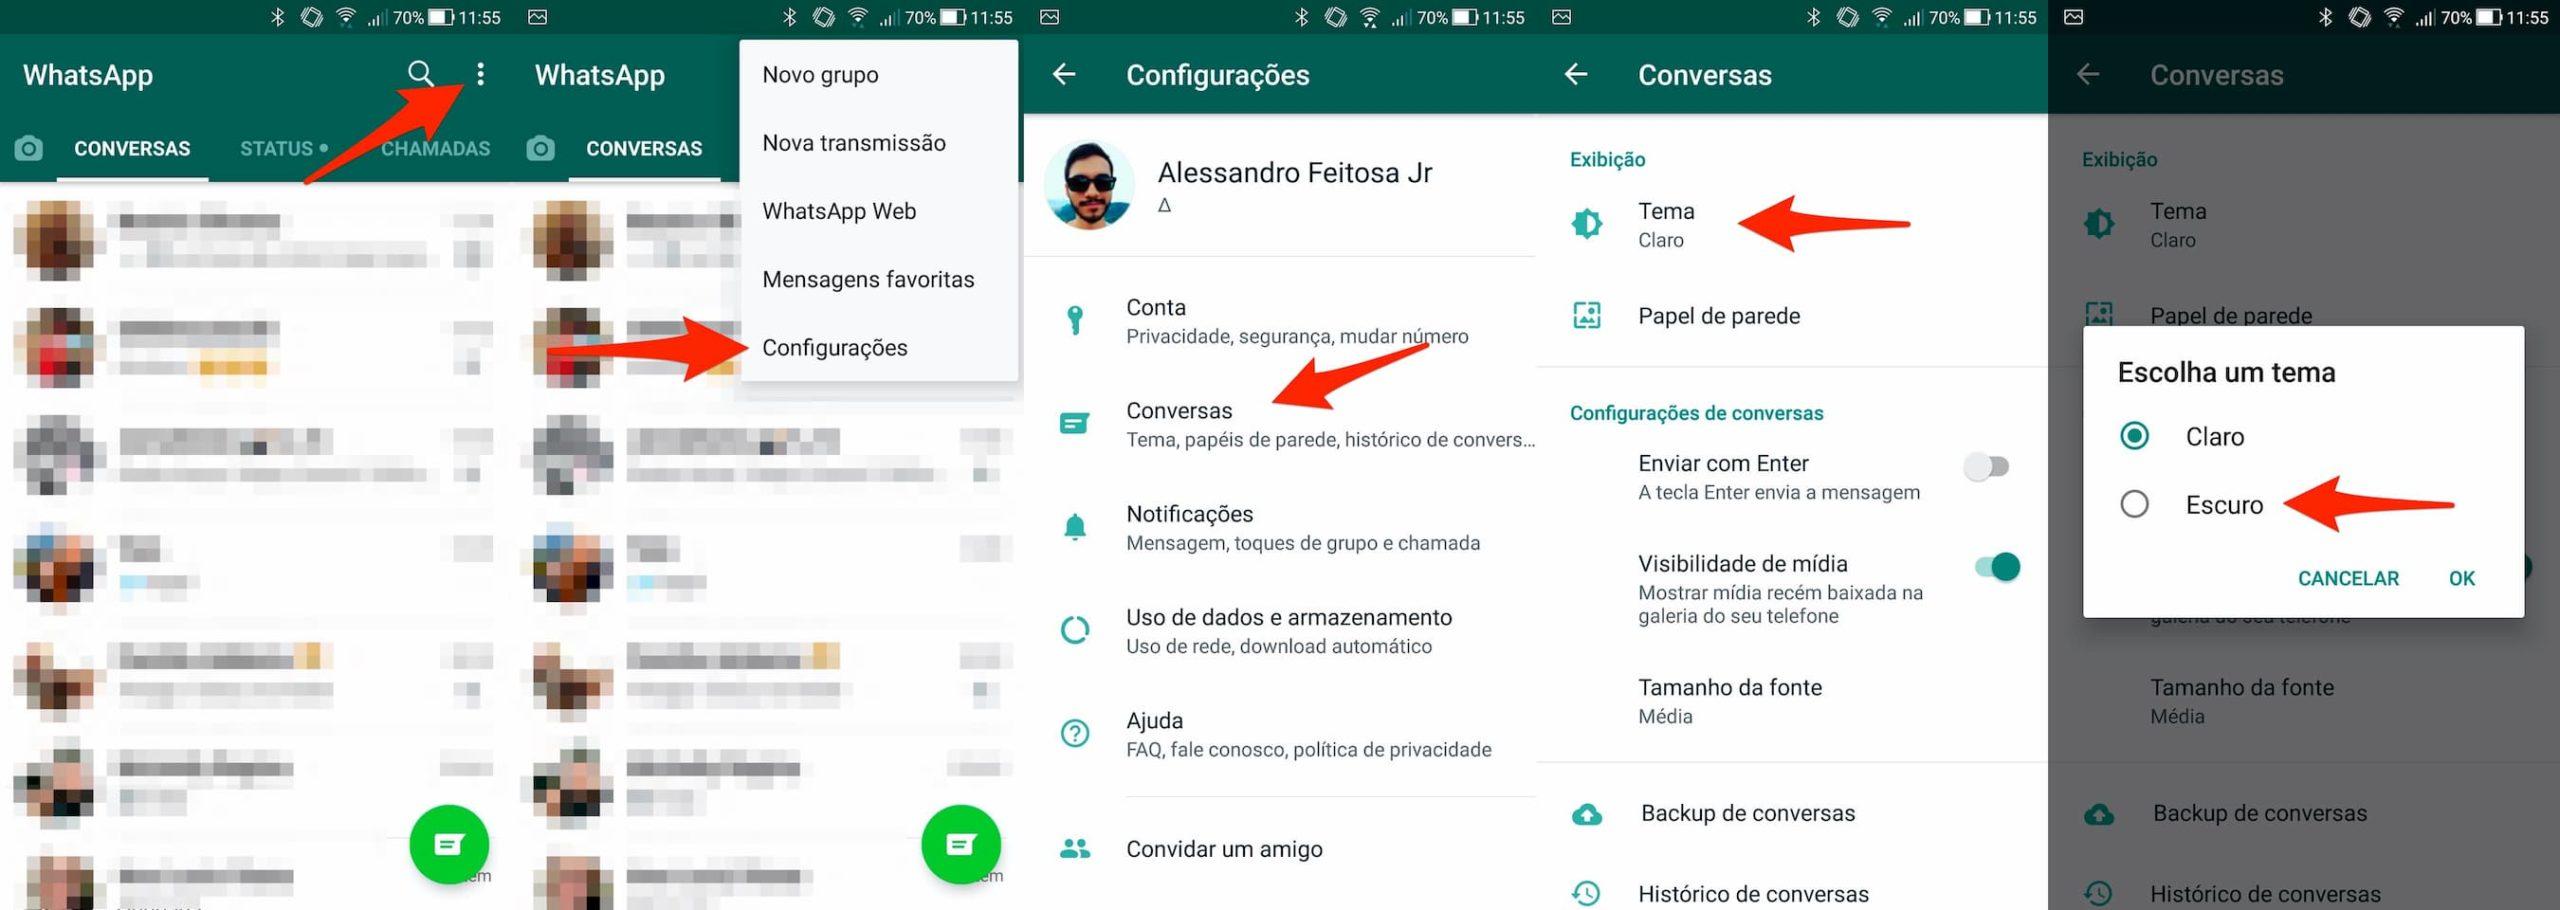 Passo a passo para deixar o WhatsApp escuro no Android 9 ou inferior